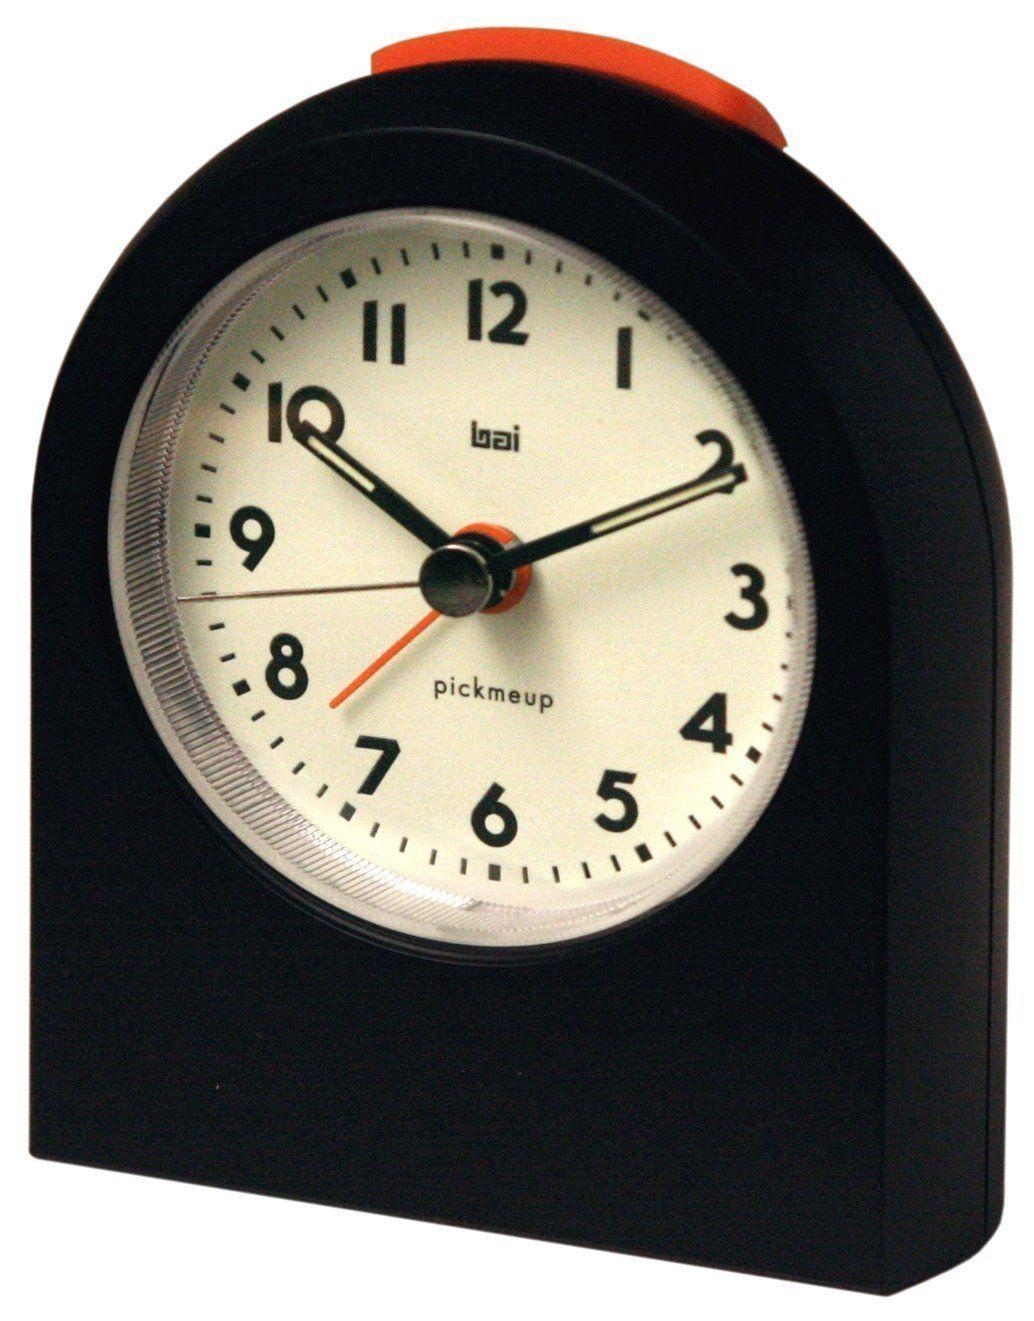 Atomic alarm clock 6.262 serial key